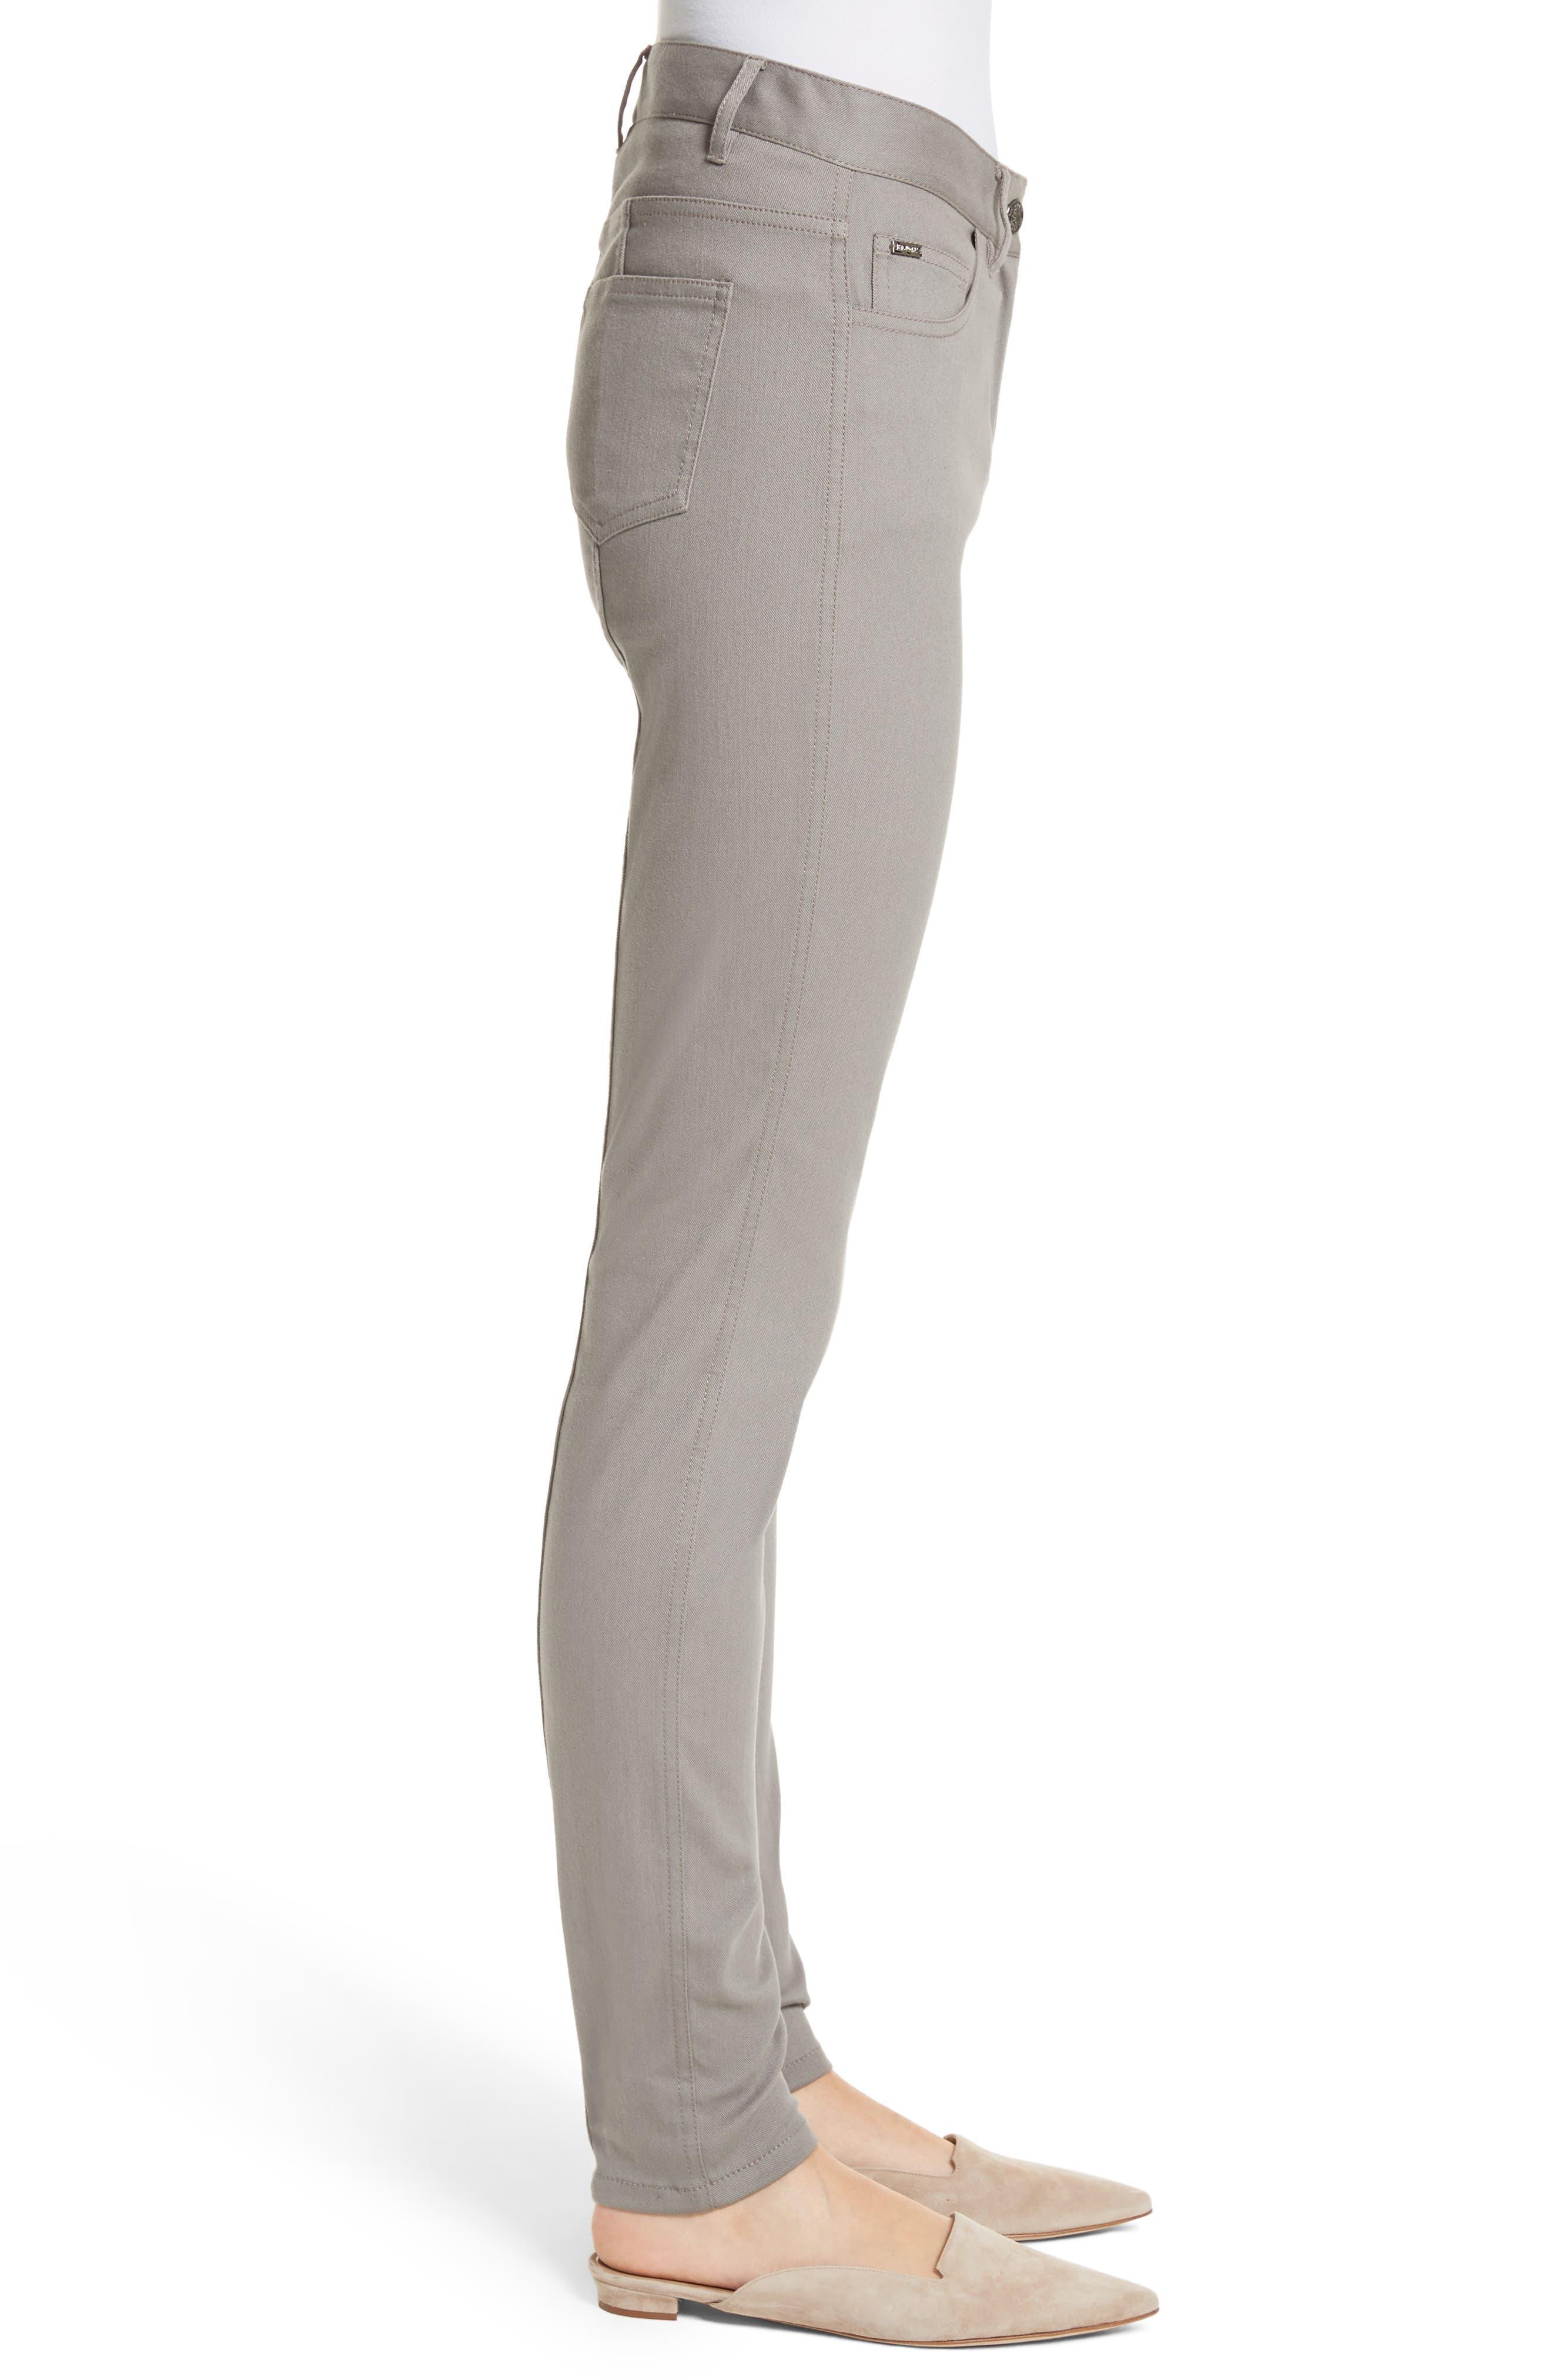 Bardot Double Dye Stretch Jeans,                             Alternate thumbnail 3, color,                             Travertine